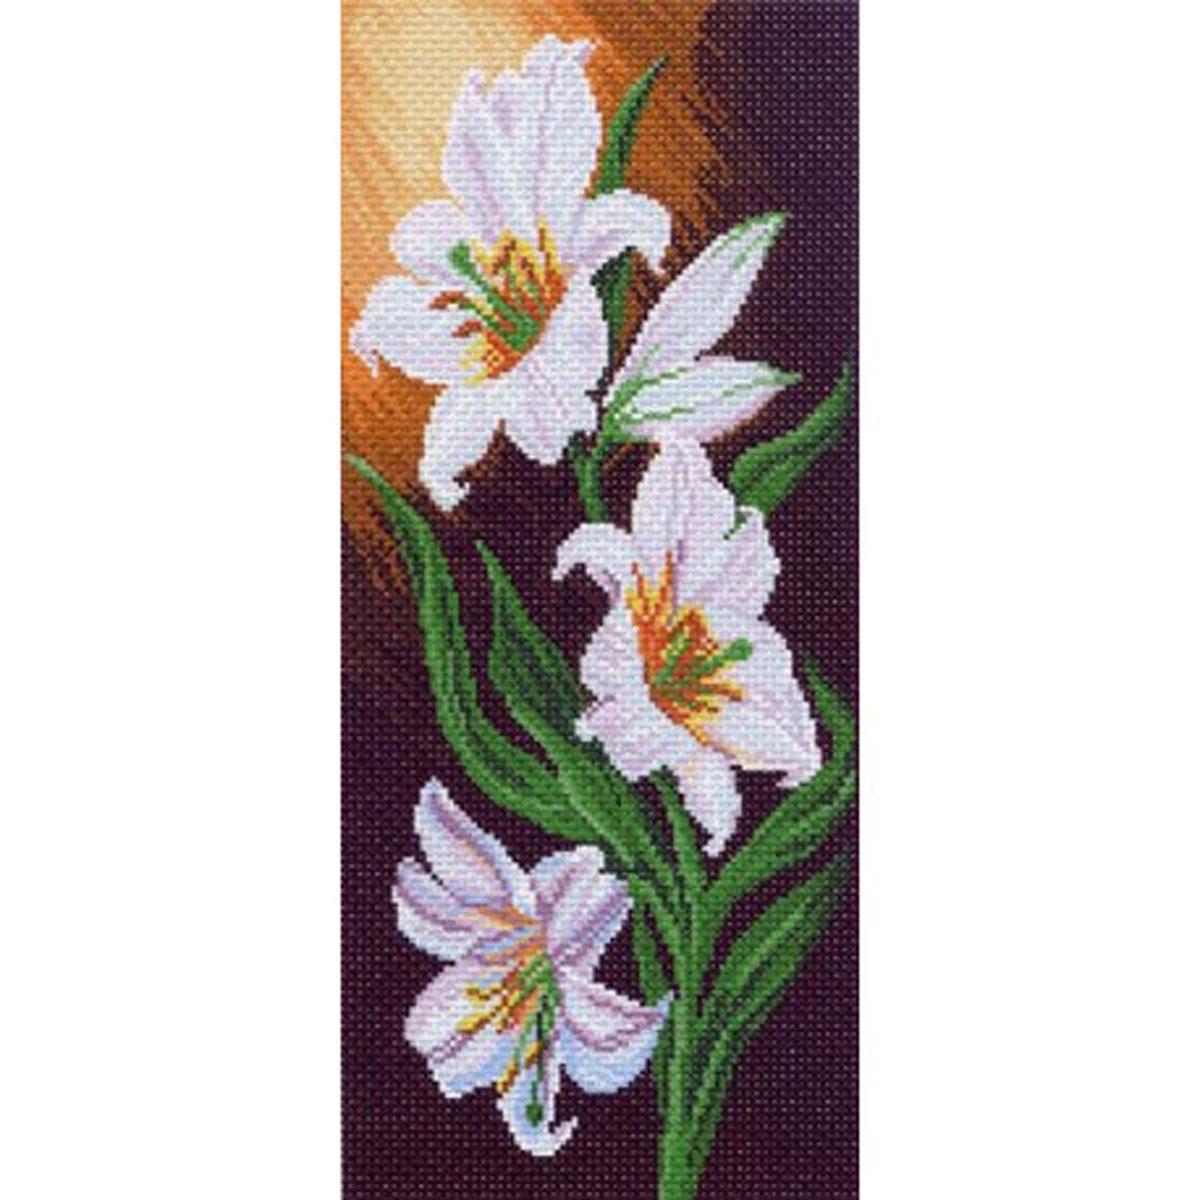 Канва с рисунком для вышивания Белоснежная элегантность, 38 х 16,5581759Канва с рисунком для вышивания Белоснежная элегантность изготовлена из хлопка. Рисунок-вышивка выполненный на такой канве, выглядит очень оригинально. Вышивка выполняется в технике полный крестик в 2-3 нити или полукрестом в 4 нити. Вышивание отвлечет вас от повседневных забот и превратится в увлекательное занятие! Работа, сделанная своими руками, создаст особый уют и атмосферу в доме и долгие годы будет радовать вас и ваших близких, а подарок, выполненный собственноручно, станет самым ценным для друзей и знакомых. Рекомендуемое количество цветов: 21 шт. УВАЖАЕМЫЕ КЛИЕНТЫ! Обращаем ваше внимание, на тот факт, что нитки в комплект не входят.